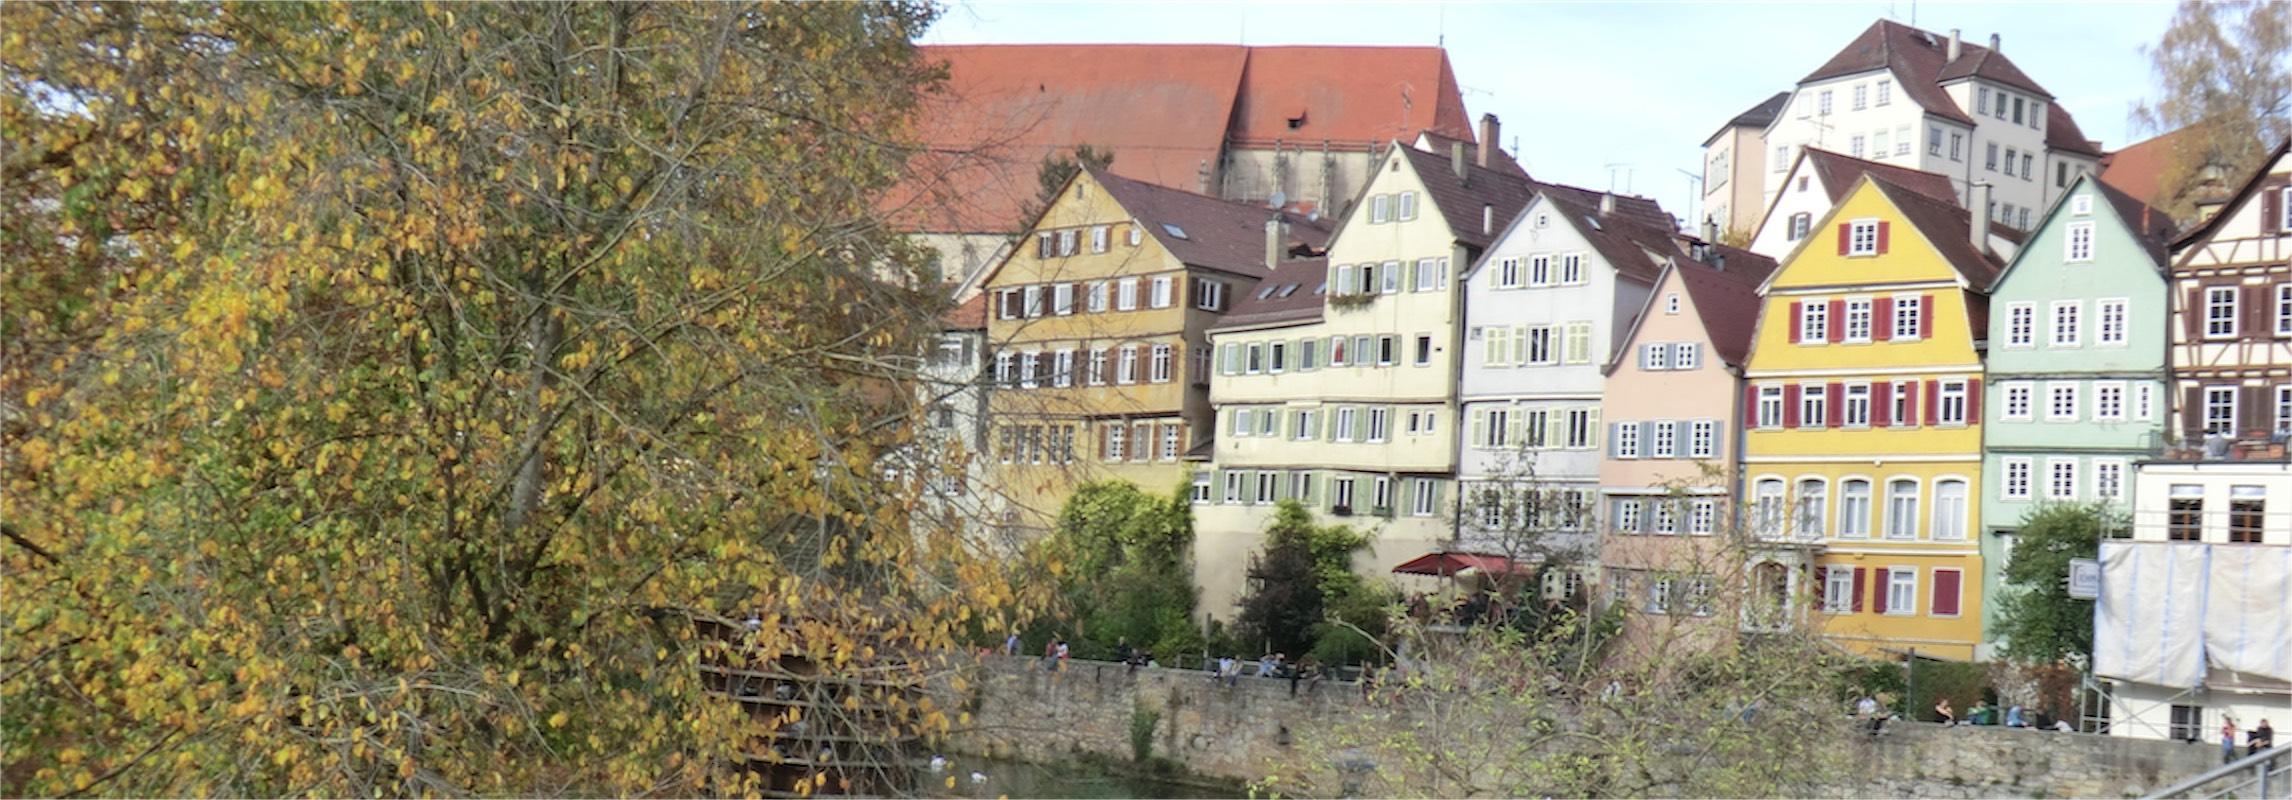 Du lịch quanh nước Đức